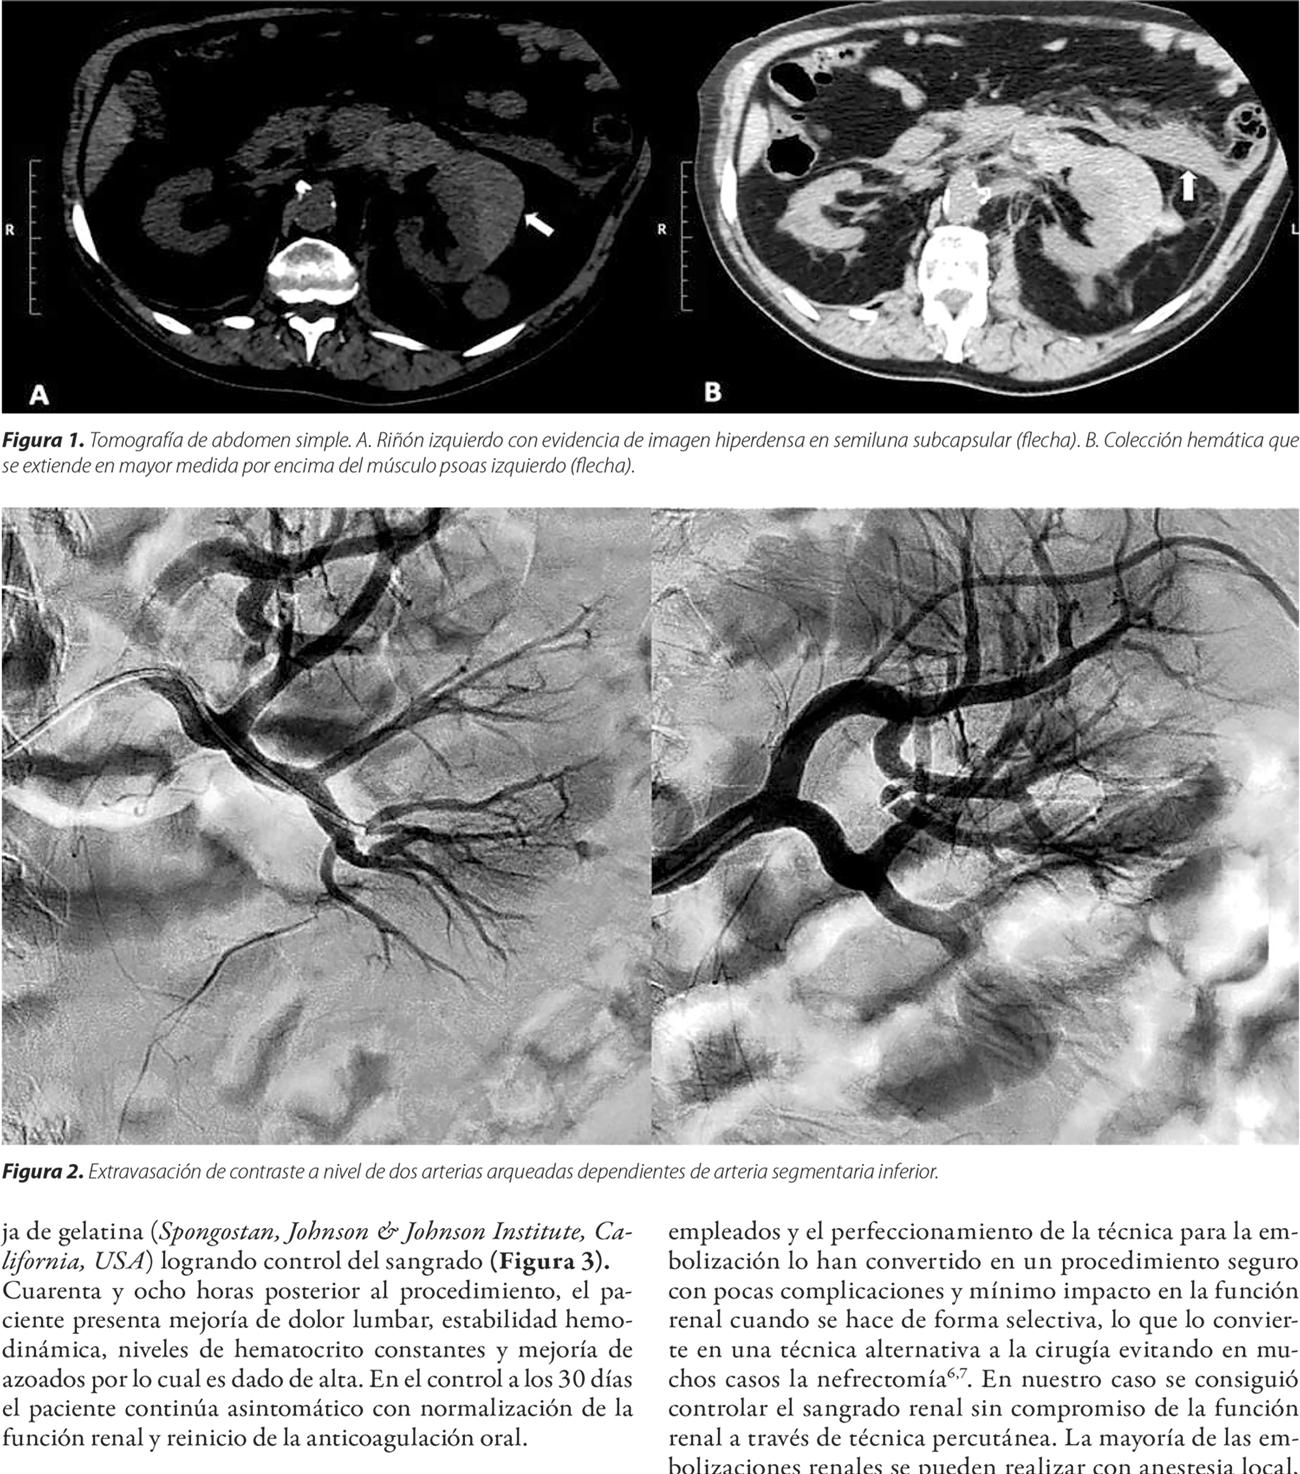 Alternativa mínimamente invasiva a la cirugía en sangrado renal espontáneo